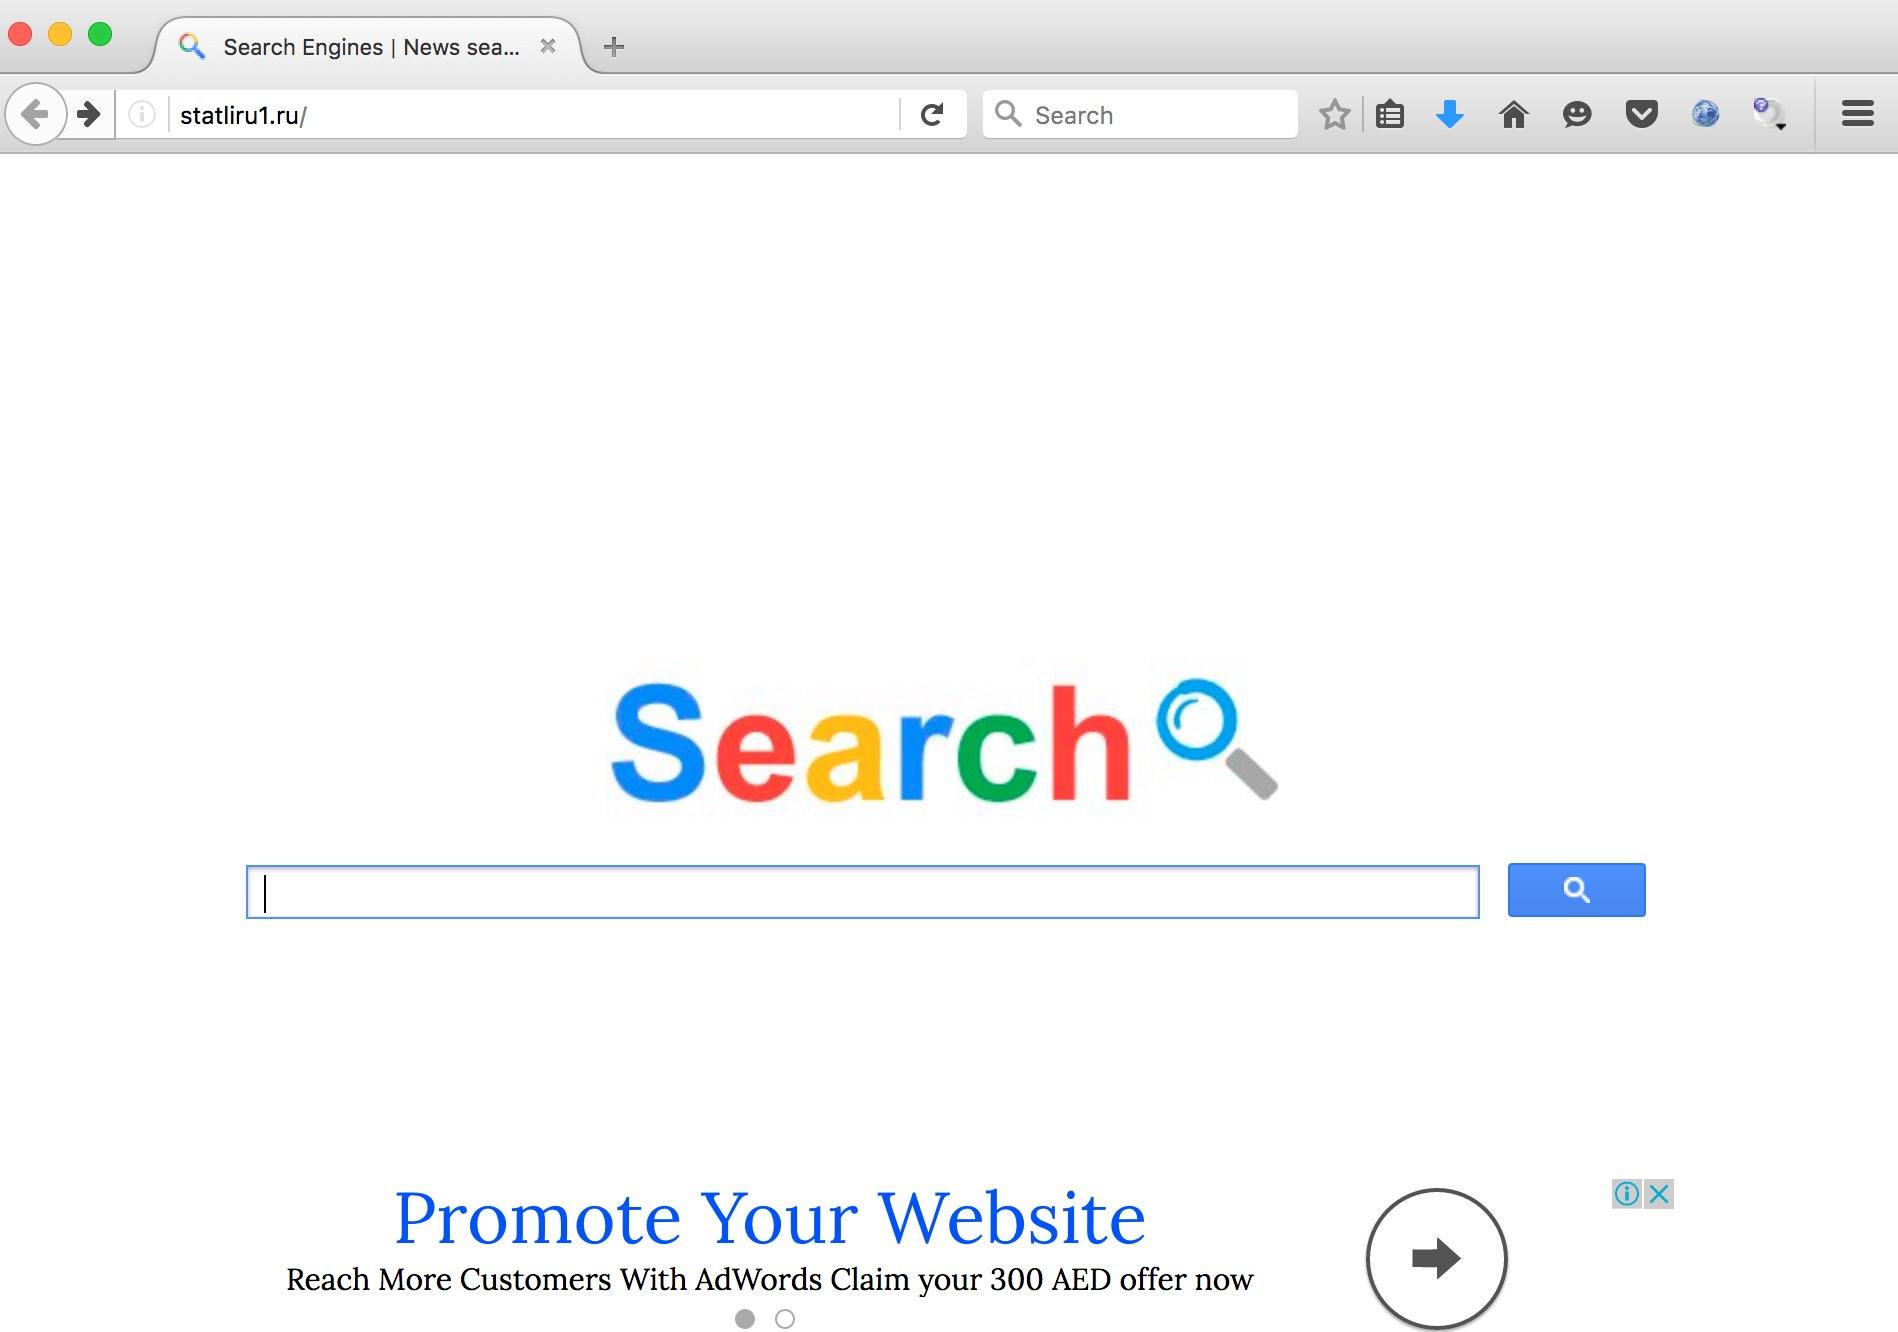 statliru1.ru browser hijacker